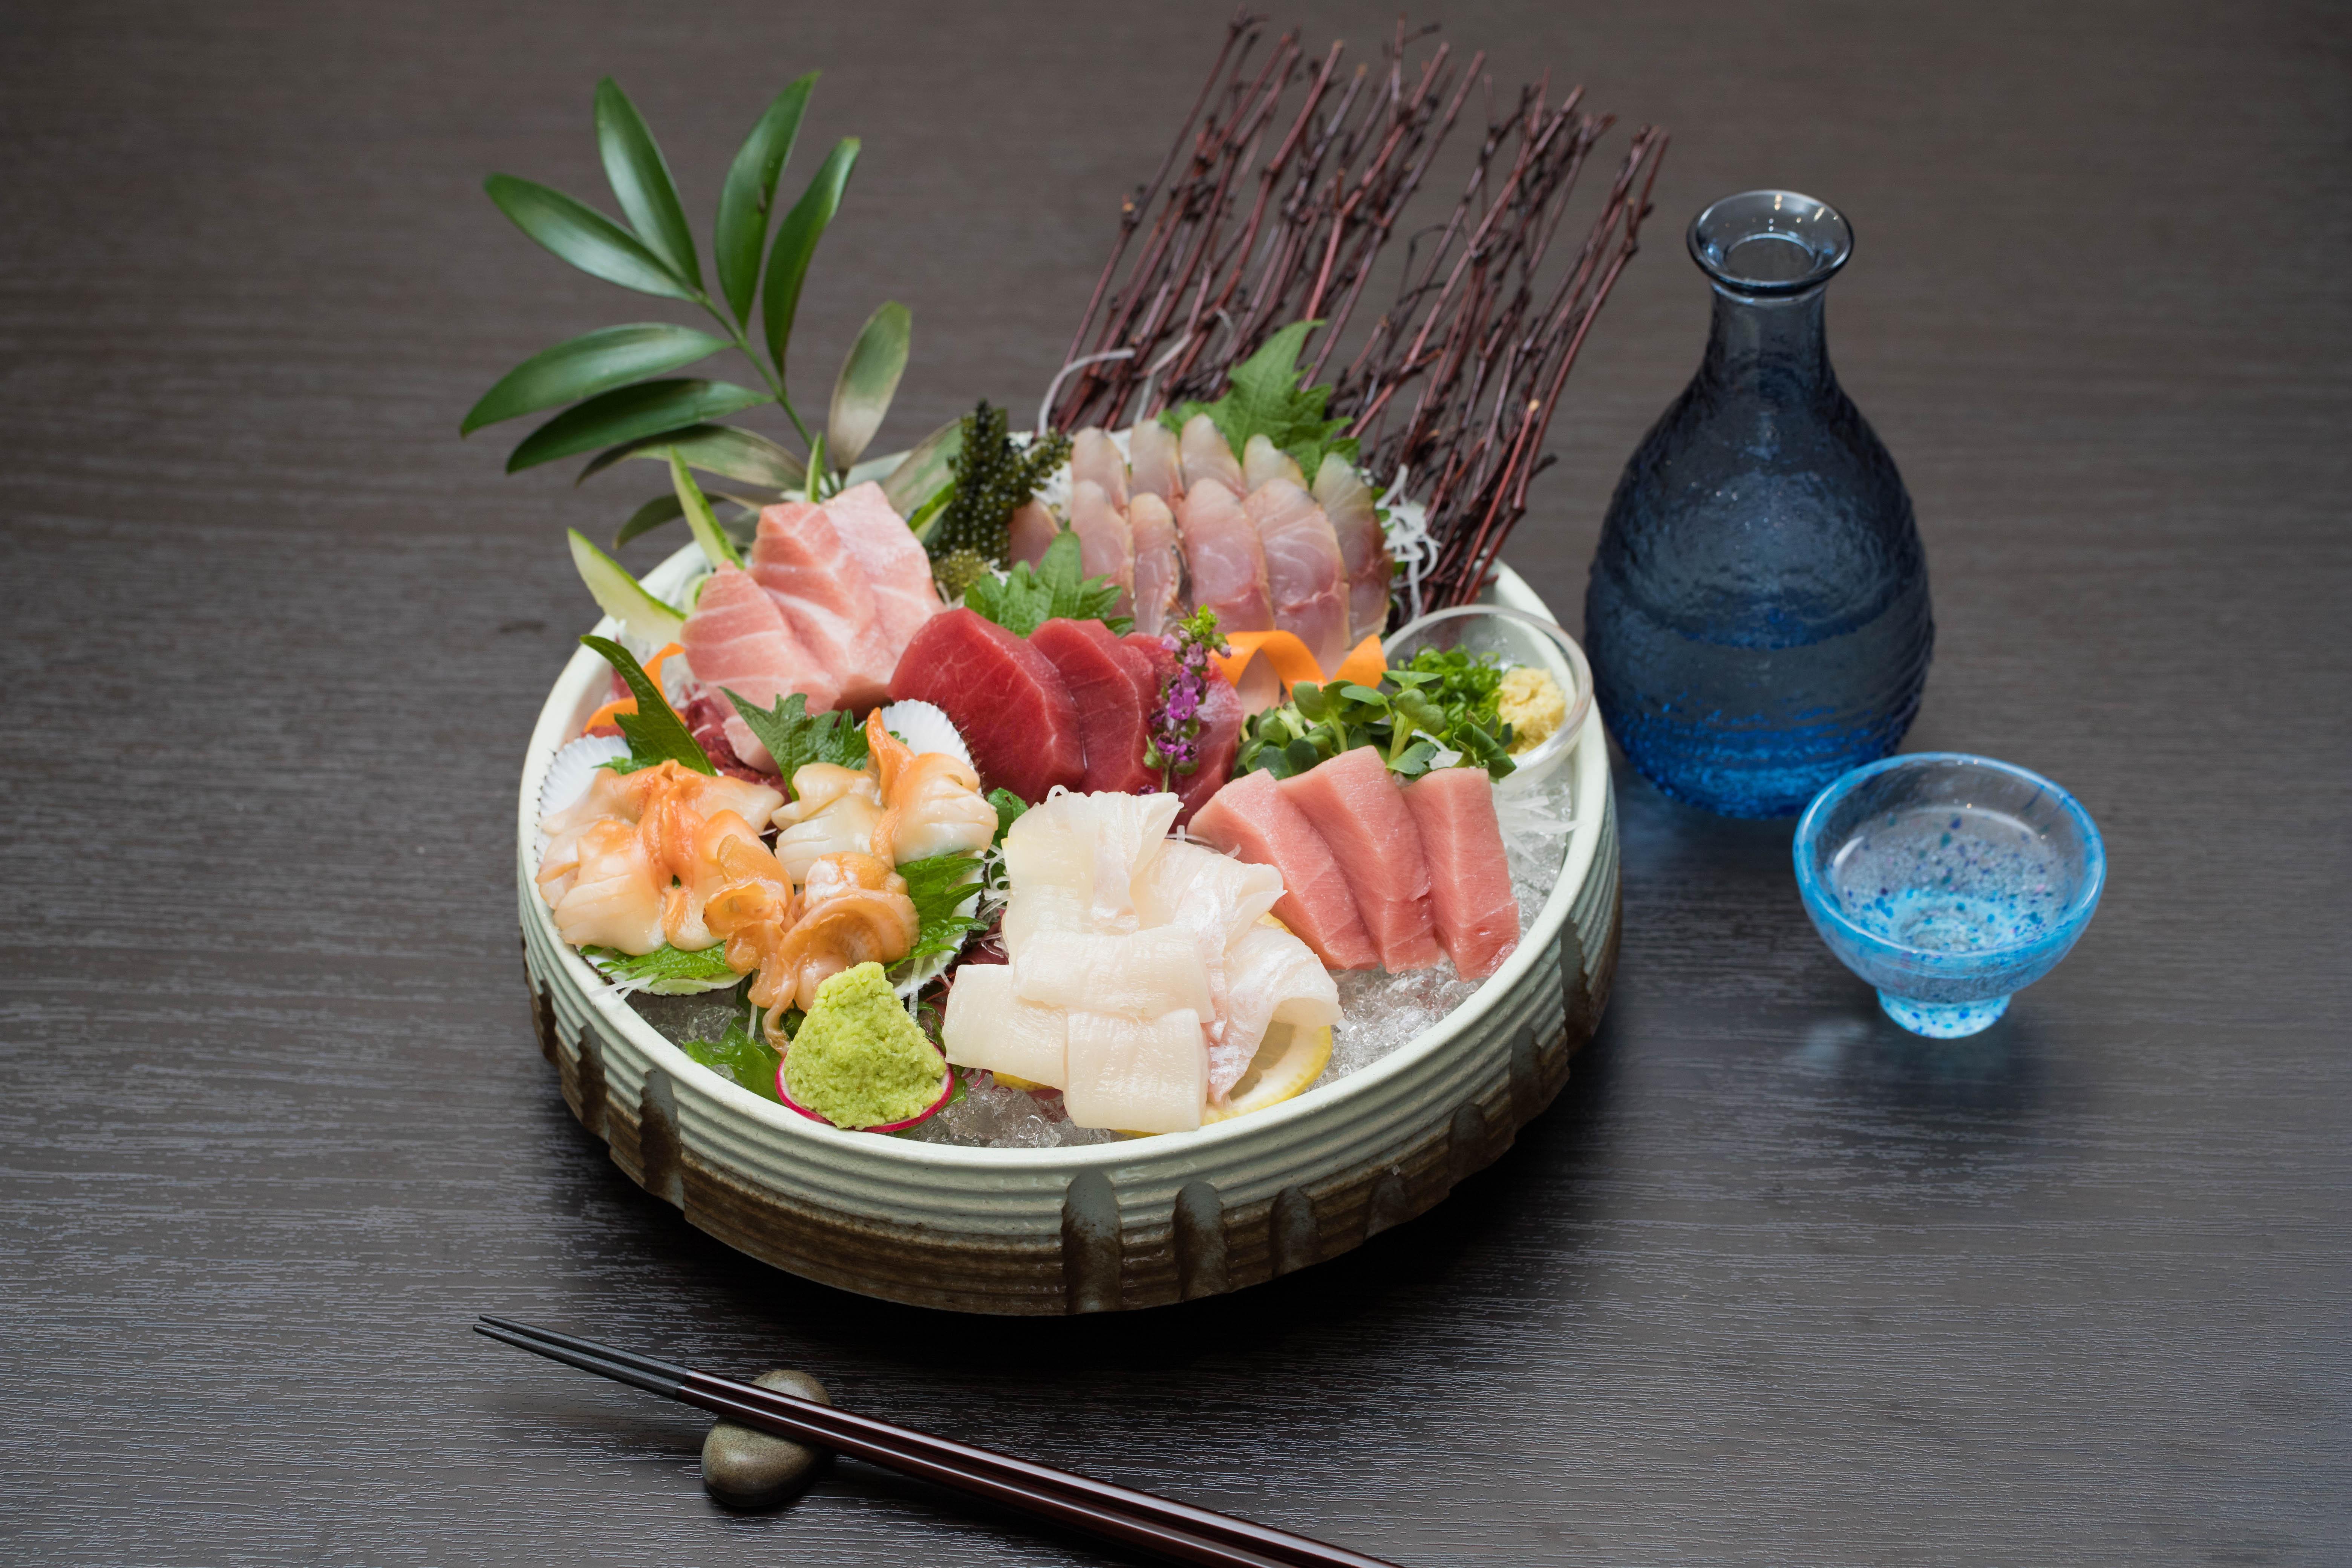 和食居酒屋【Kai】|7月限定で贅沢な刺身盛り合わせが全品半額!! 平日夜間と土日終日